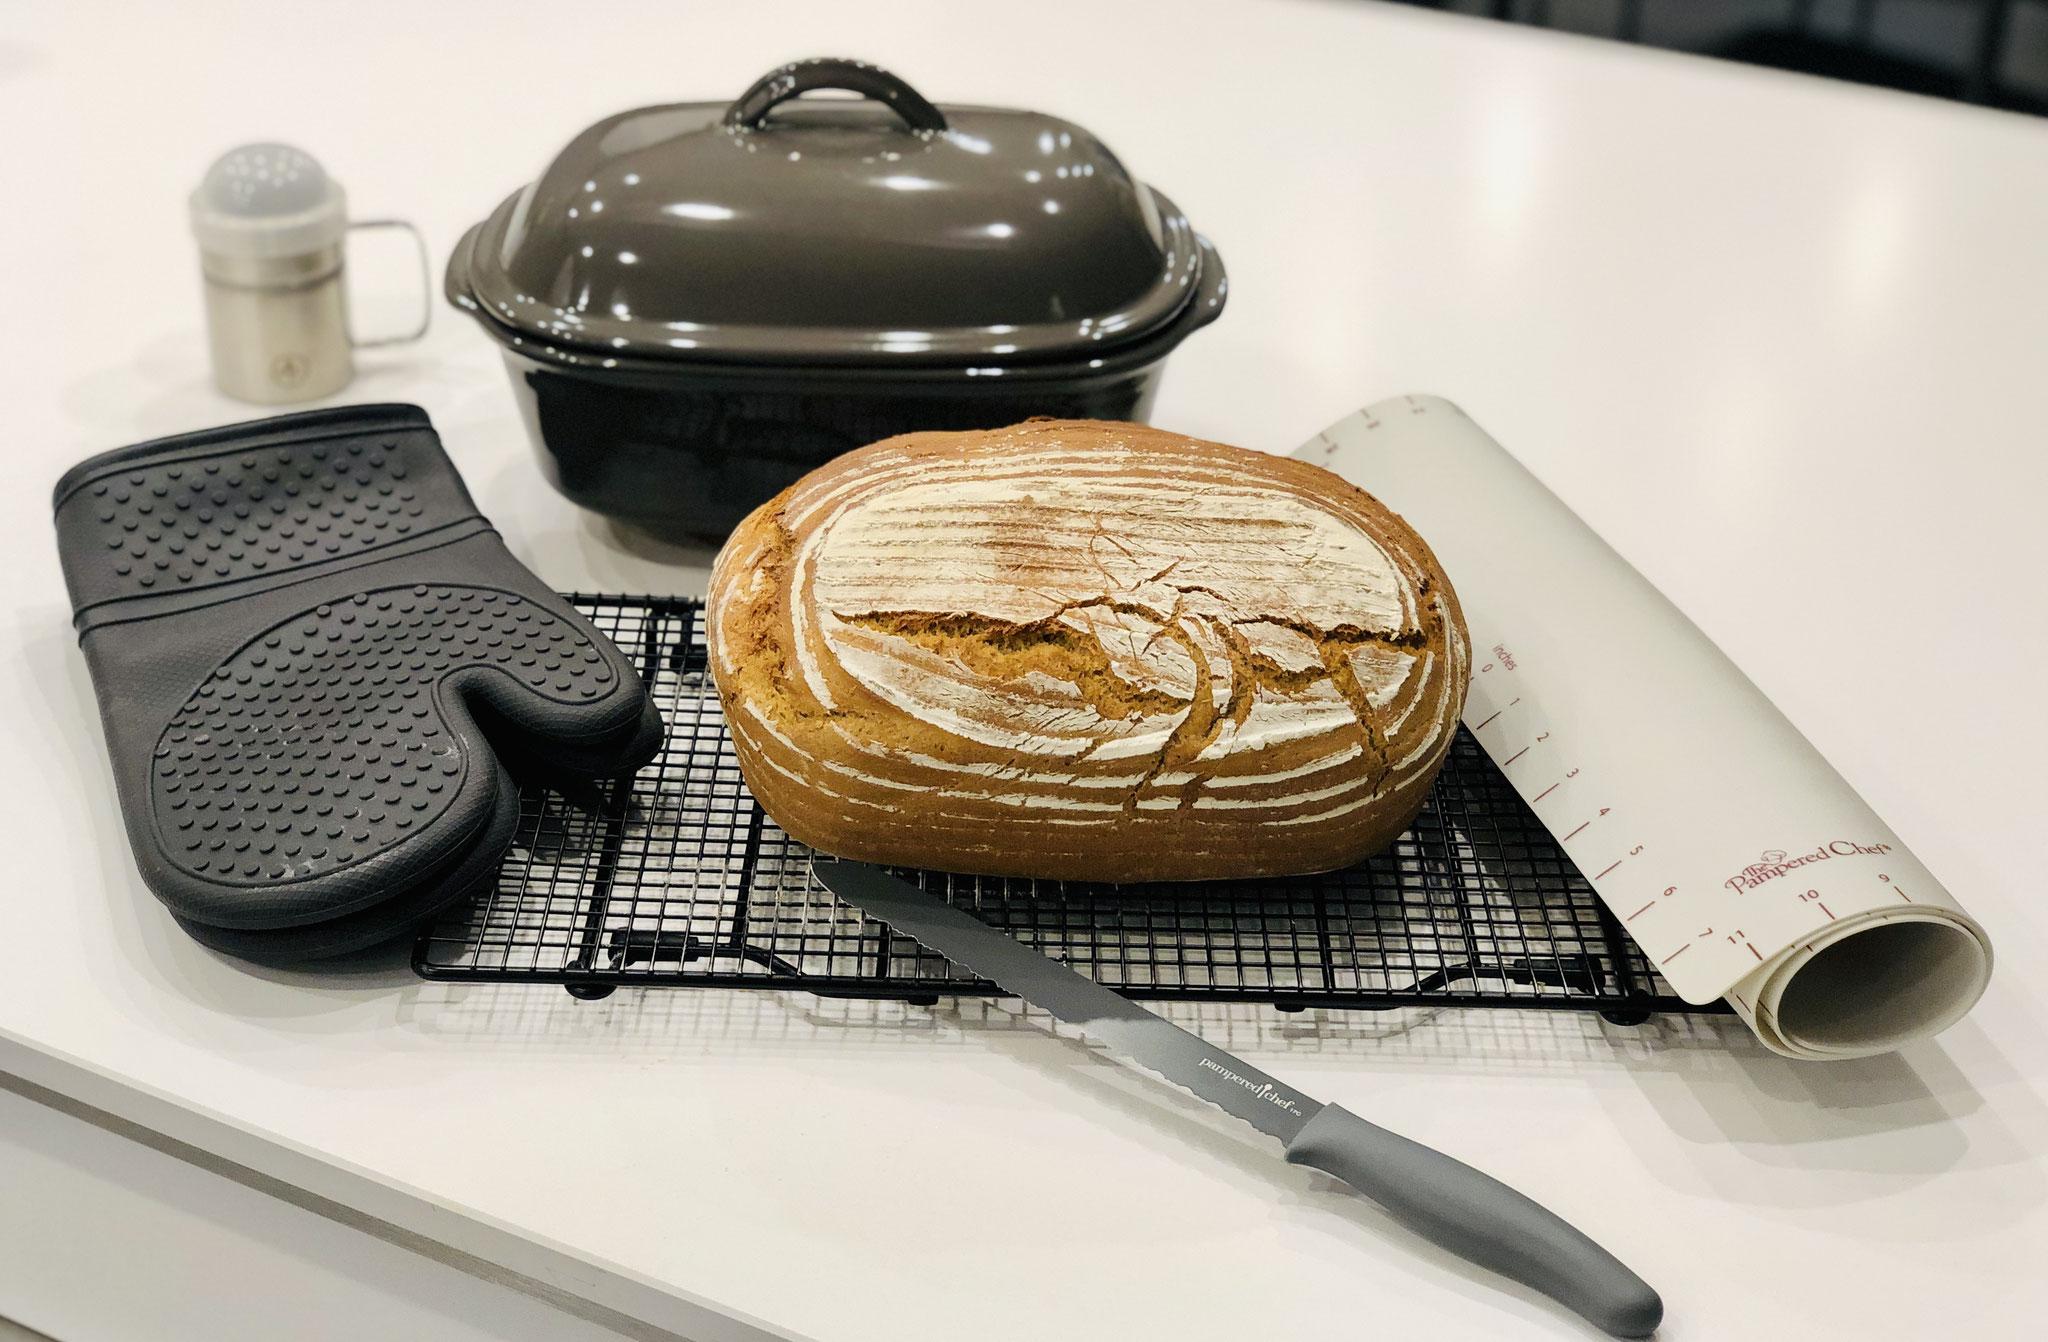 Nach dem backen sieht mein Brot so aus ♥ ♥ ♥